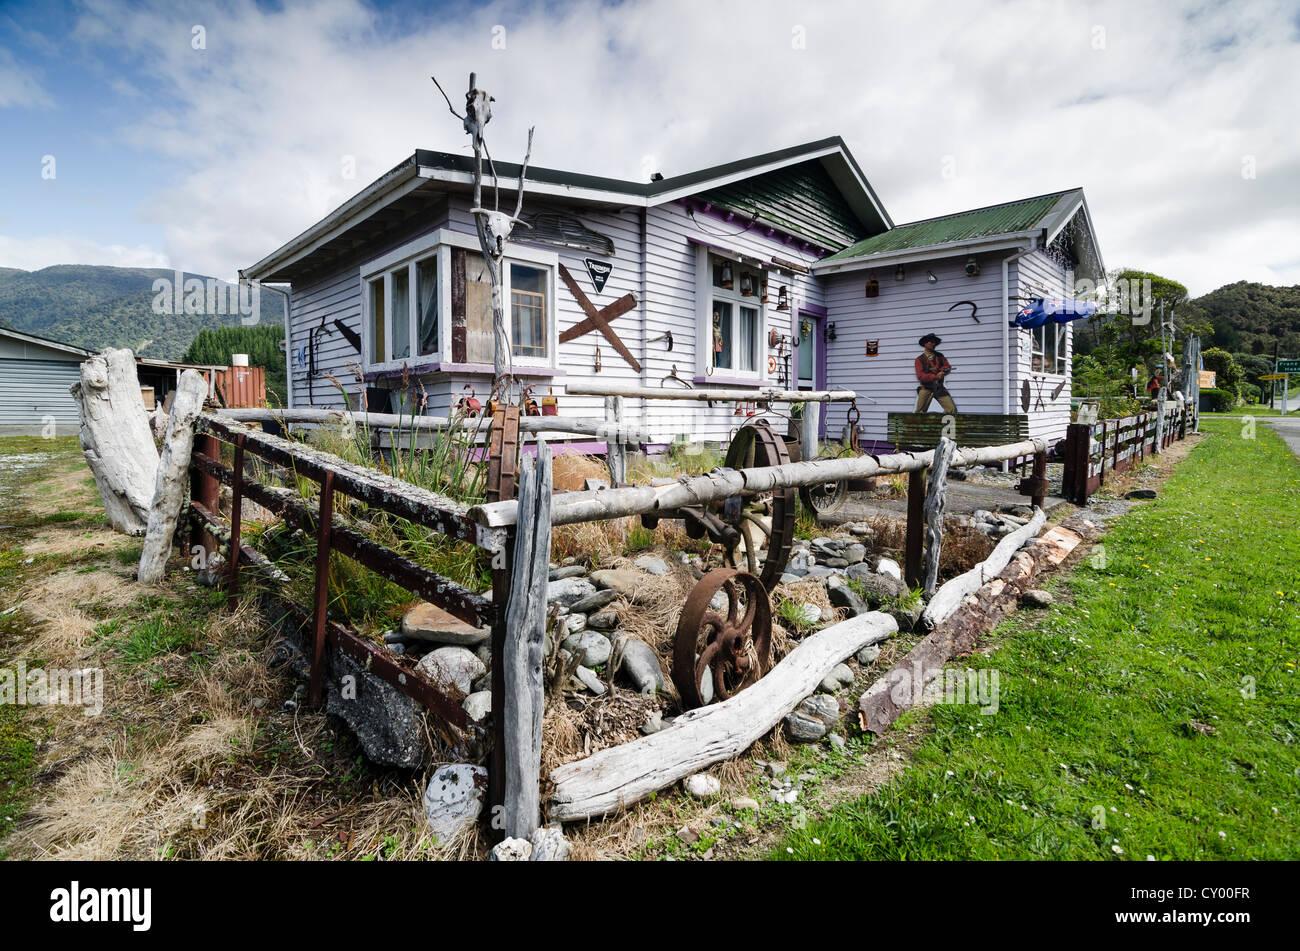 Touristenattraktion, schrulligen Haus verziert mit Wild-West-Utensilien, Kfz-Kennzeichen, Kuh- und Schafherden Schädel, Stockbild